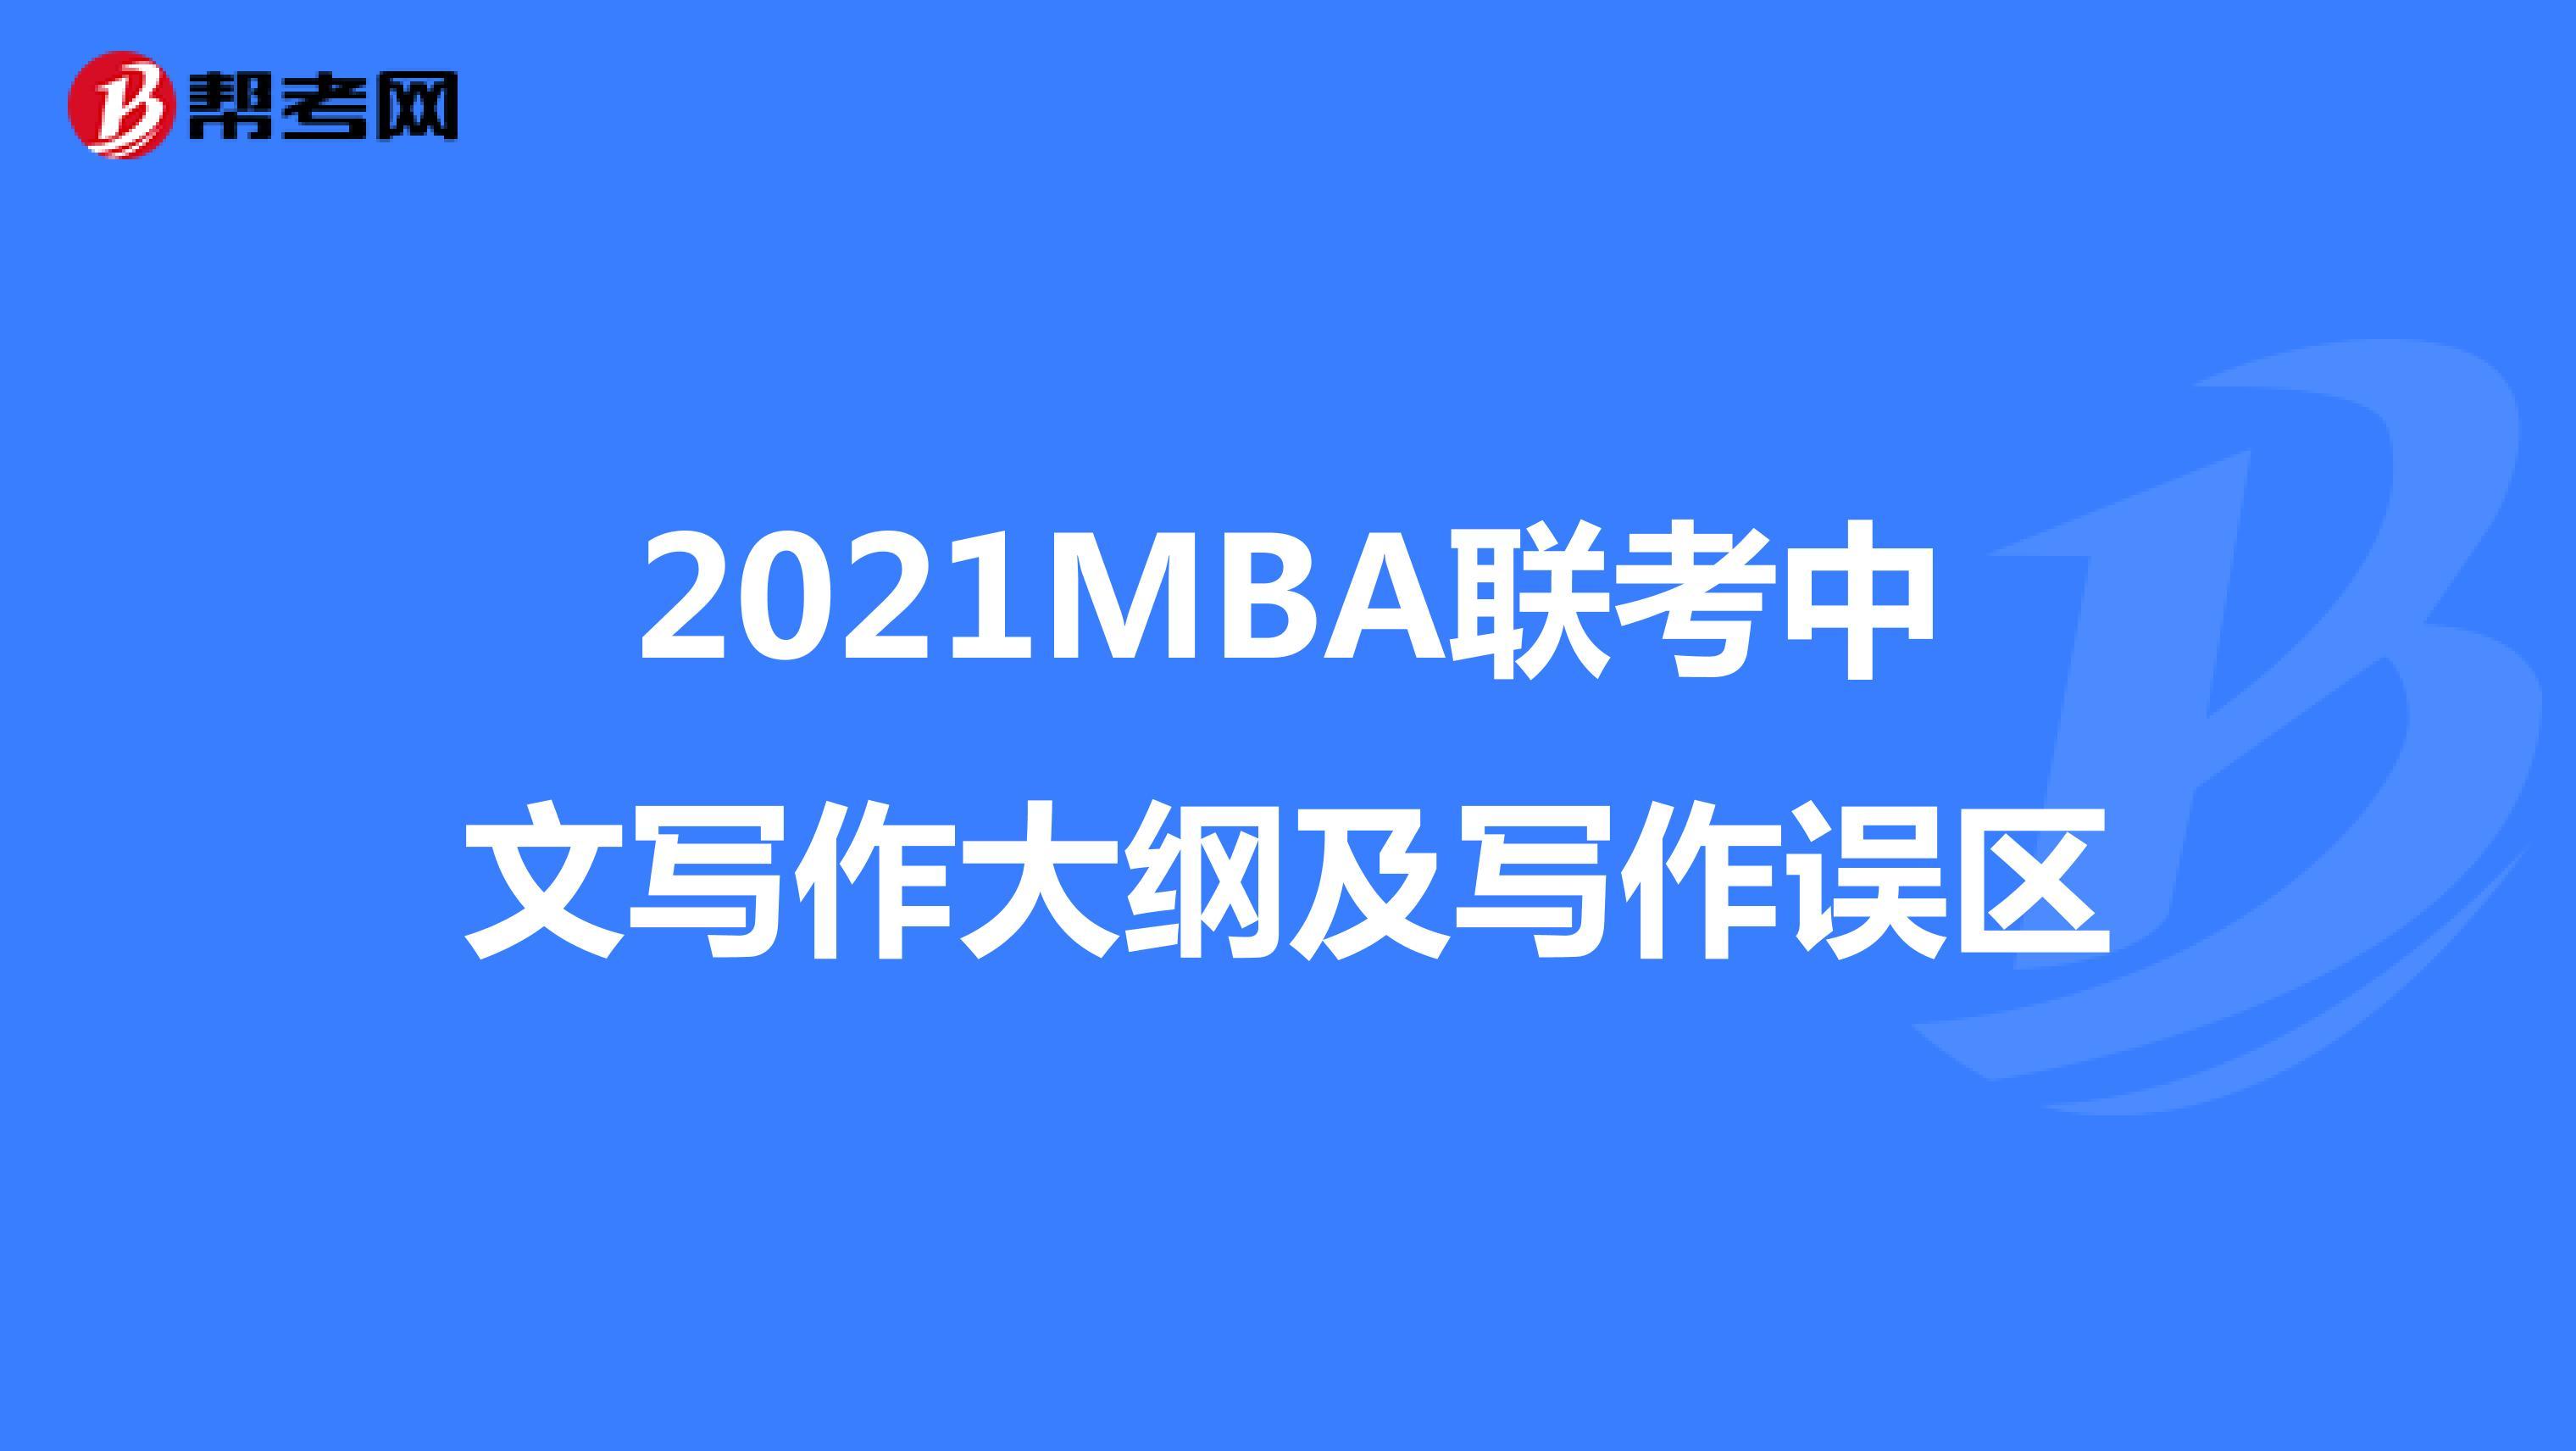 2021MBA联考中文写作大纲及写作误区